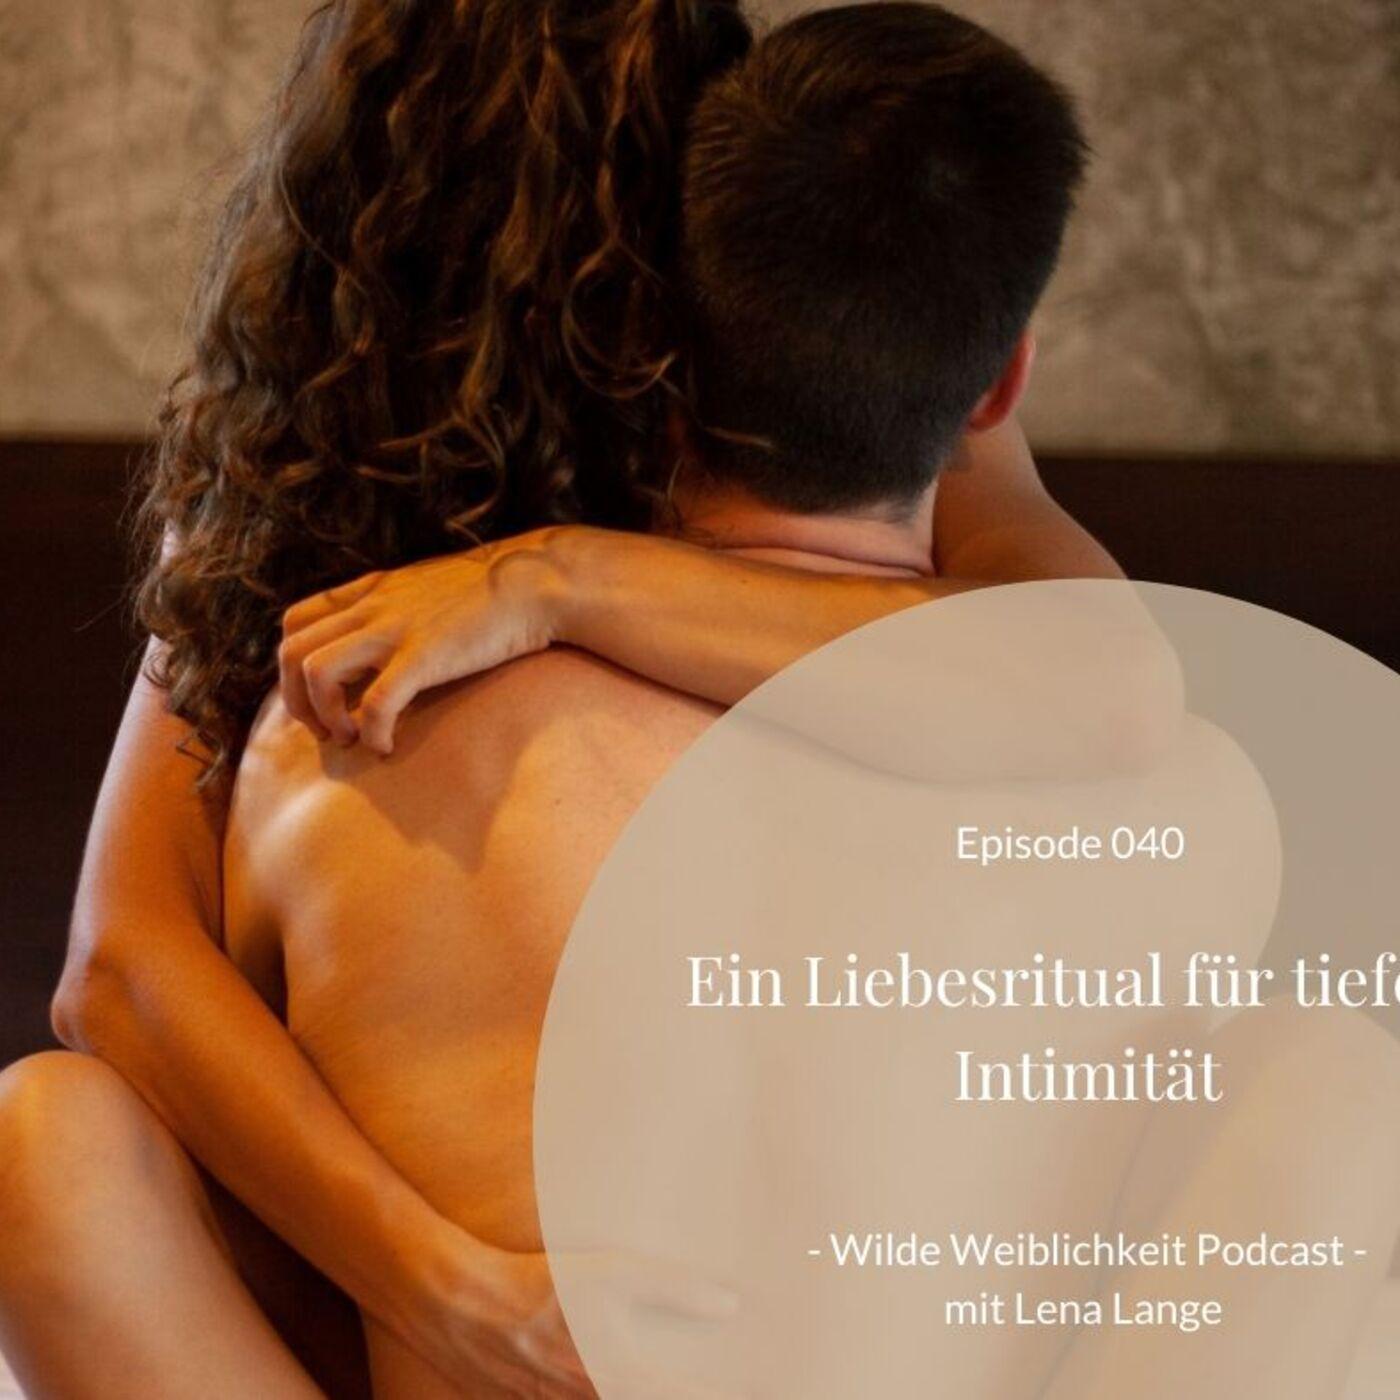 040: Ein Liebesritual für tiefere Intimität